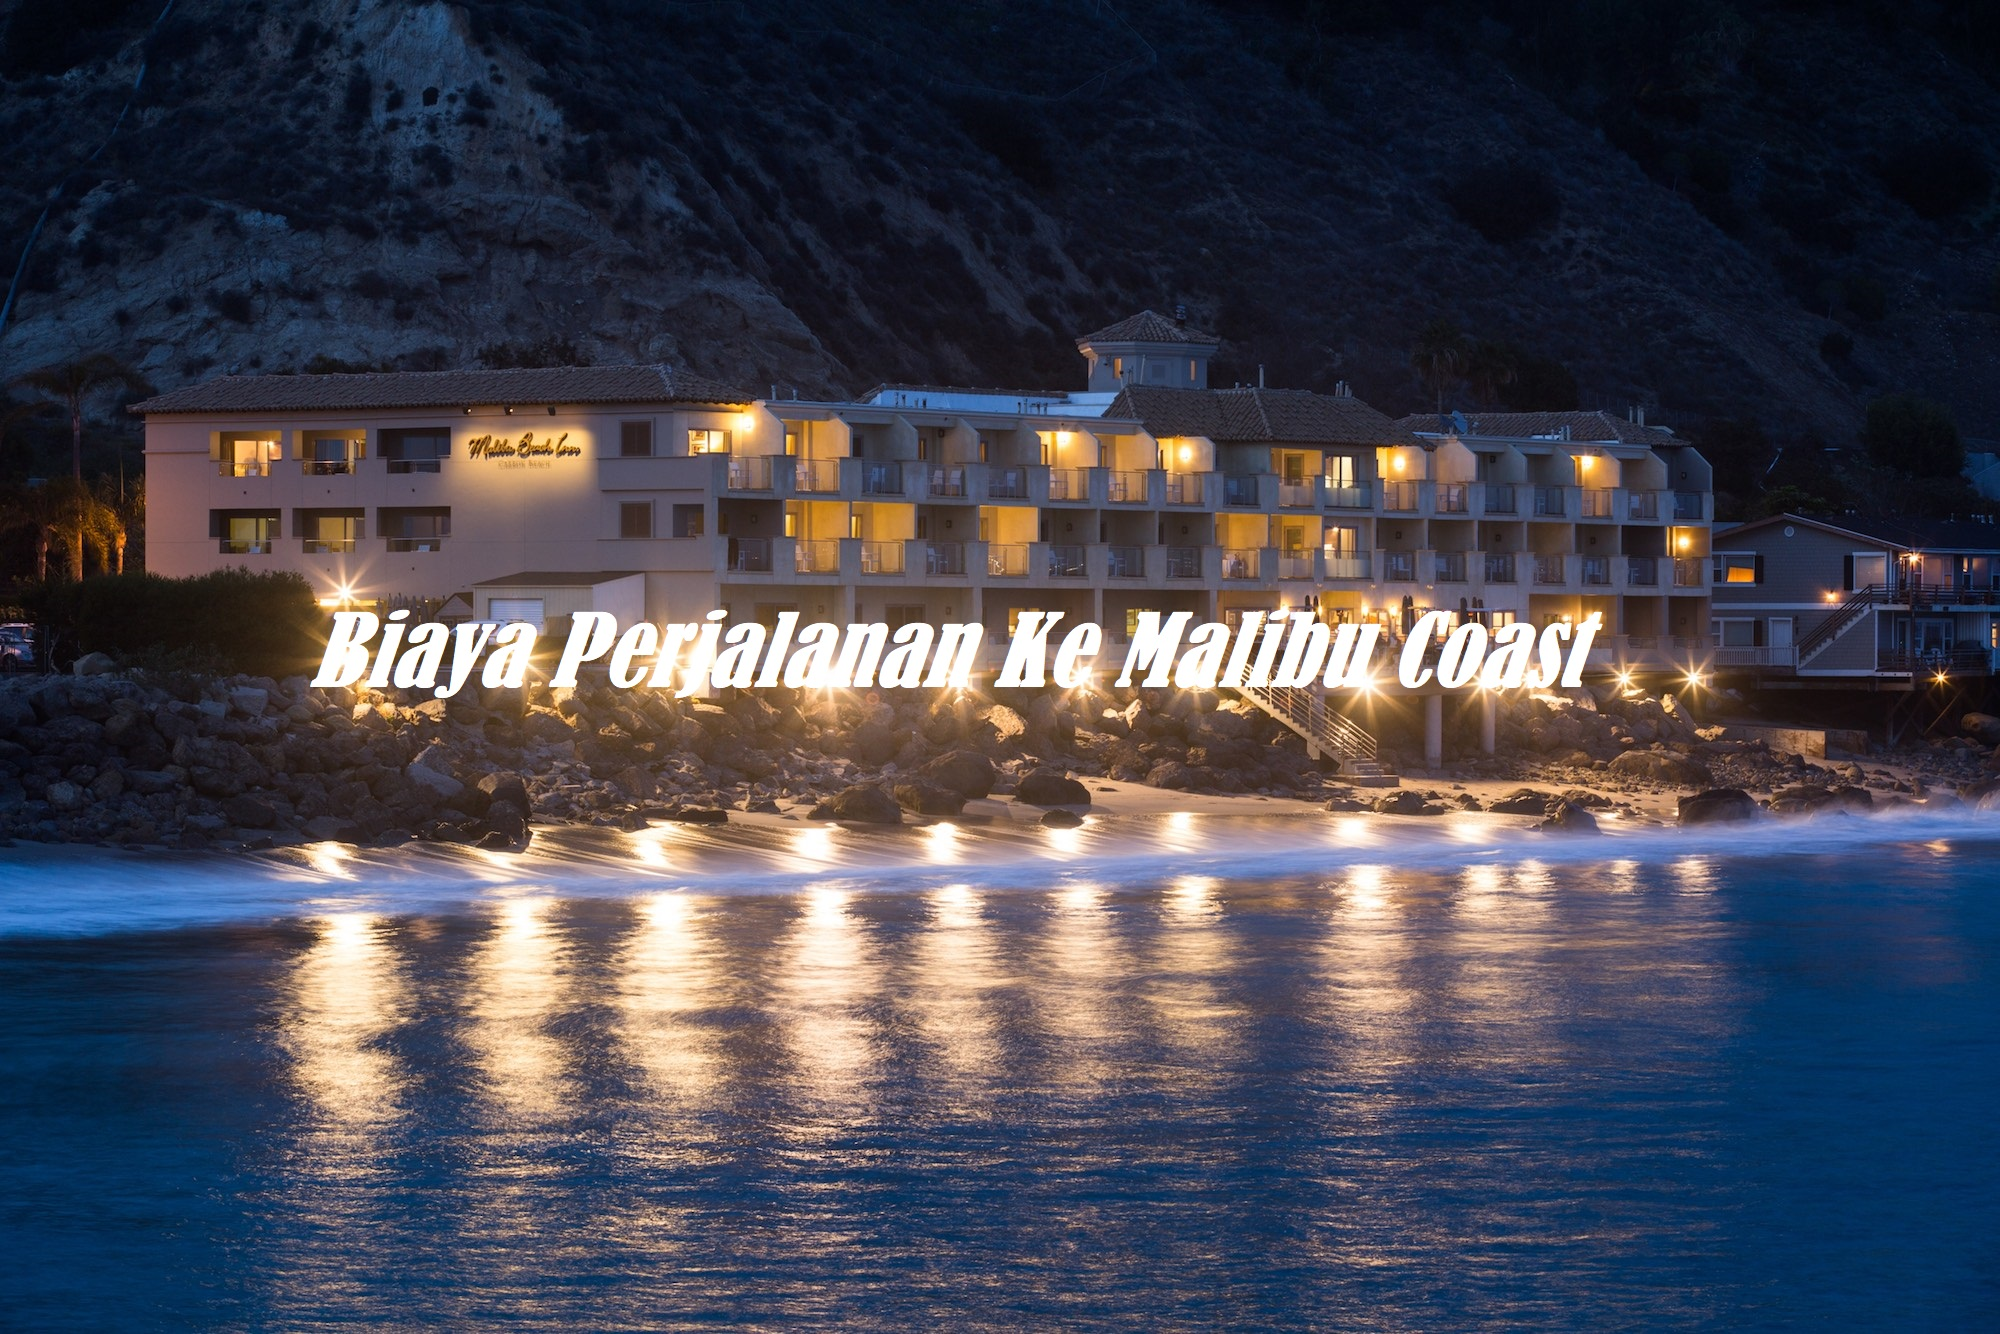 Biaya Perjalanan Ke Malibu Coast